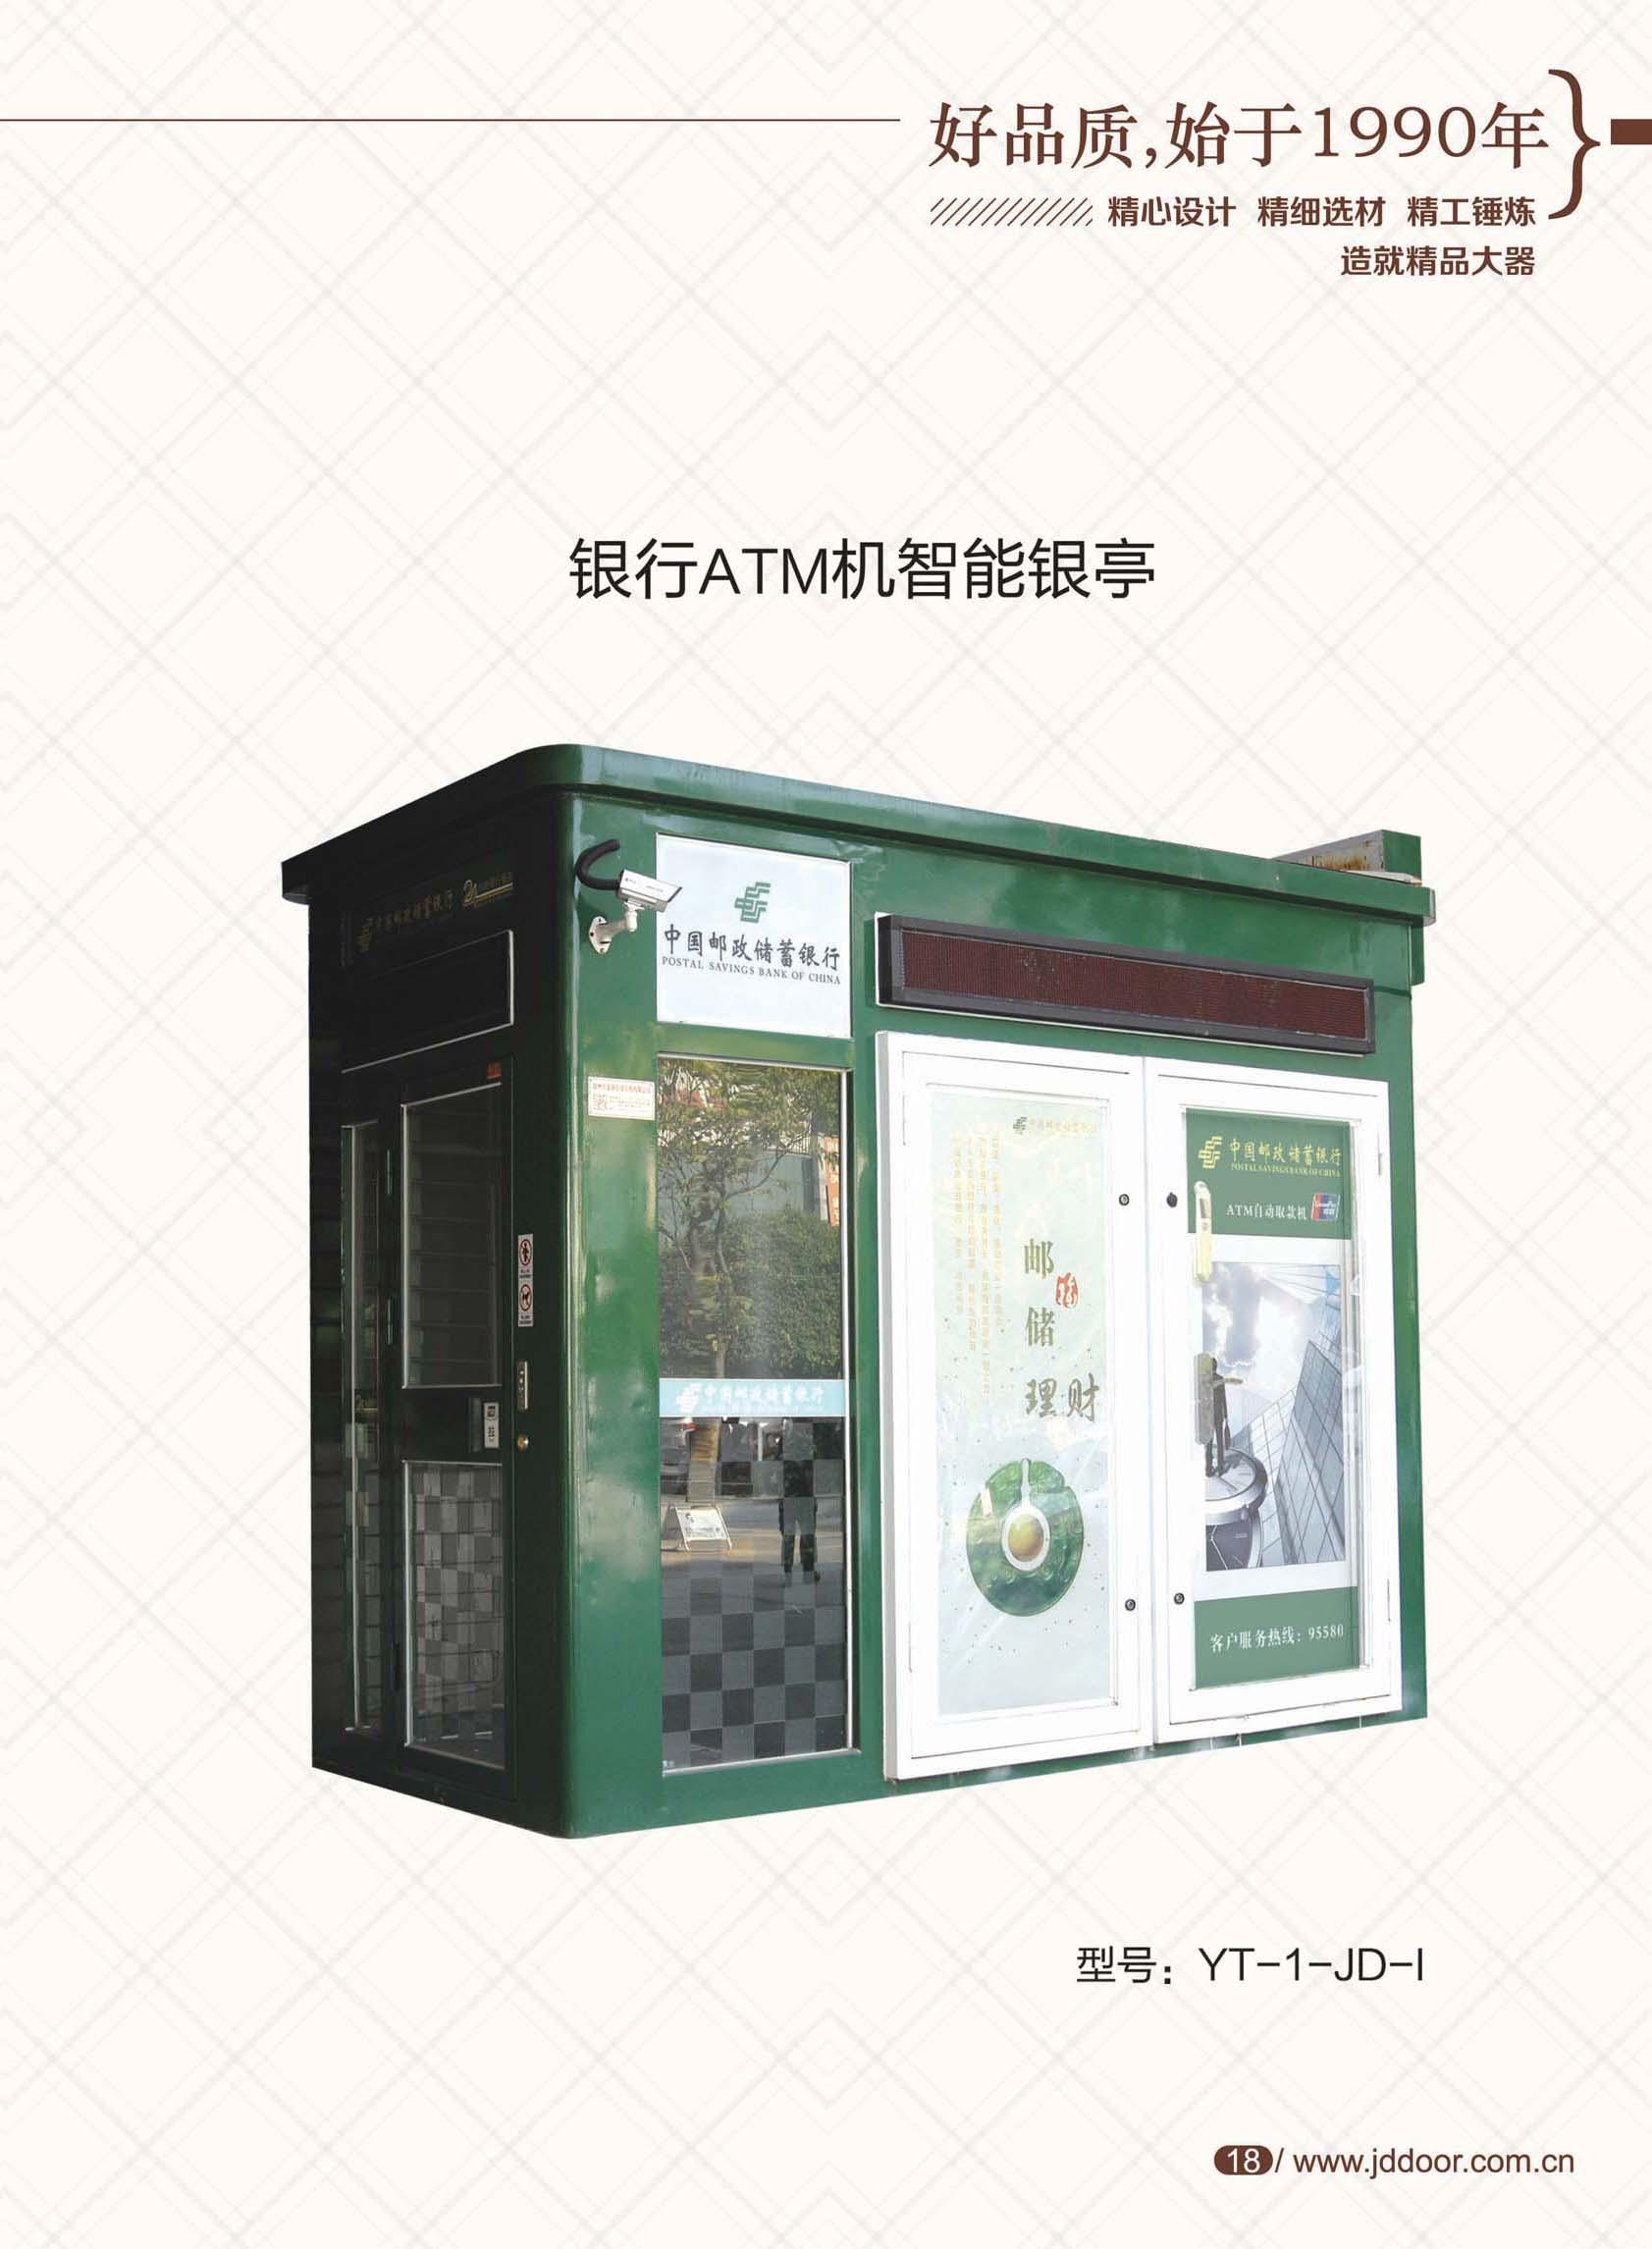 银行ATM机智能银亭